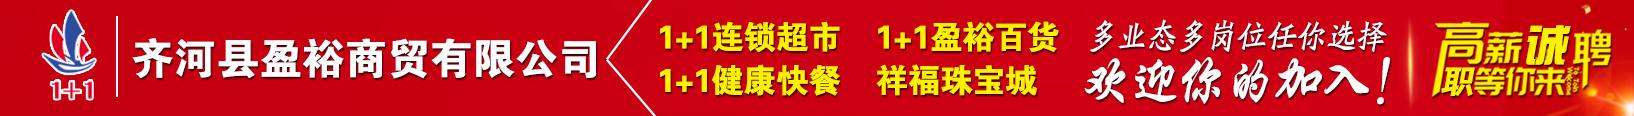 山东齐河县盈裕商贸有限公司